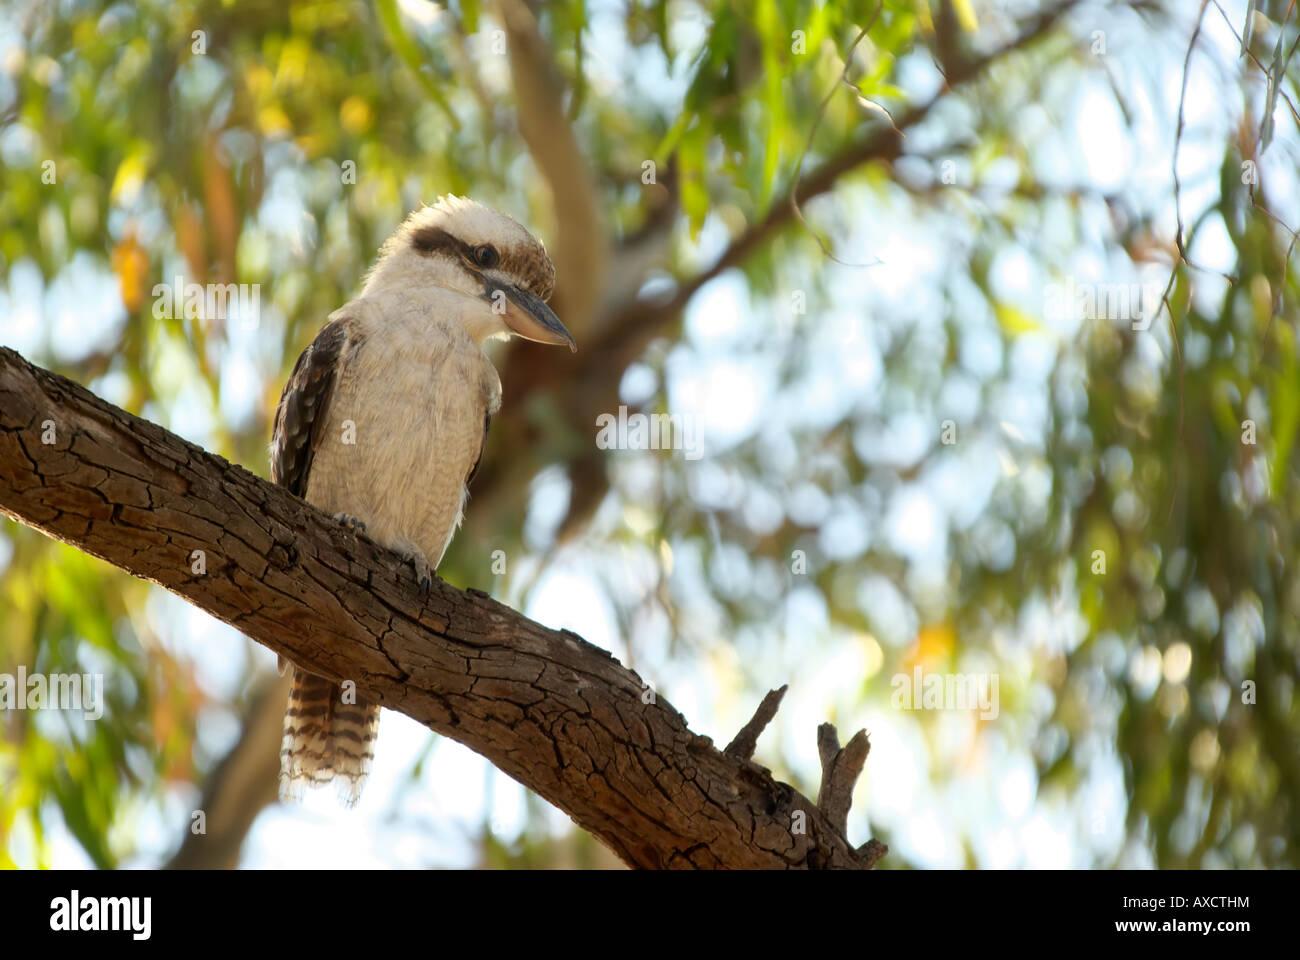 eine australische lachende Kookaburra sitzt auf einem Ast Stockbild